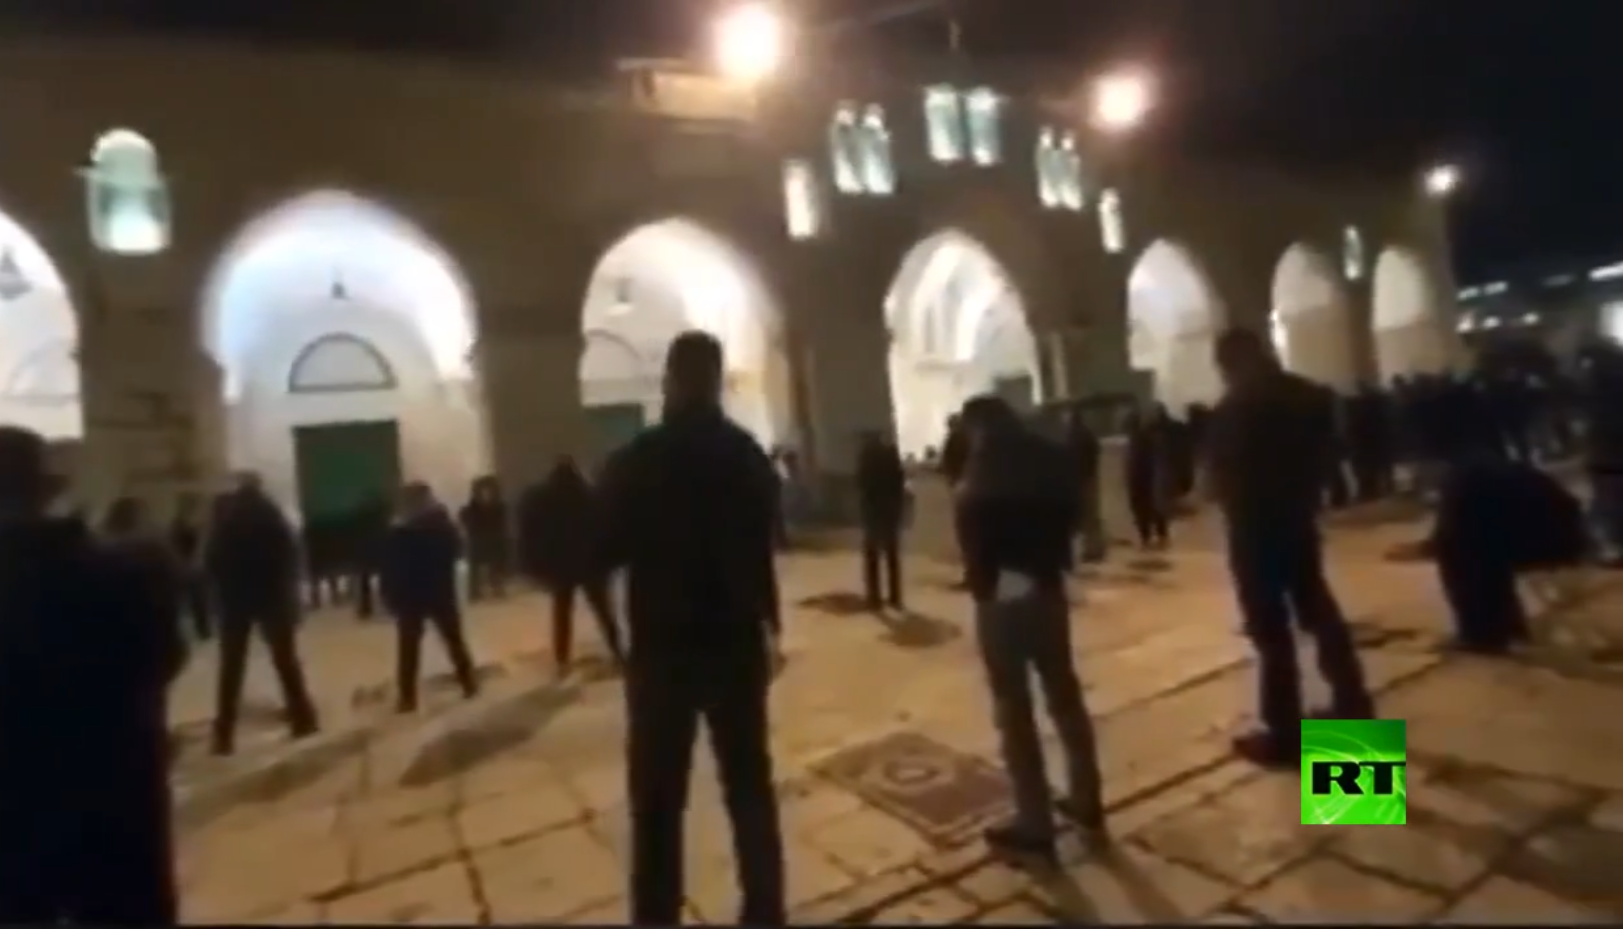 شاهد.. آخر صلاة في المسجد الأقصى قبل إغلاقه!